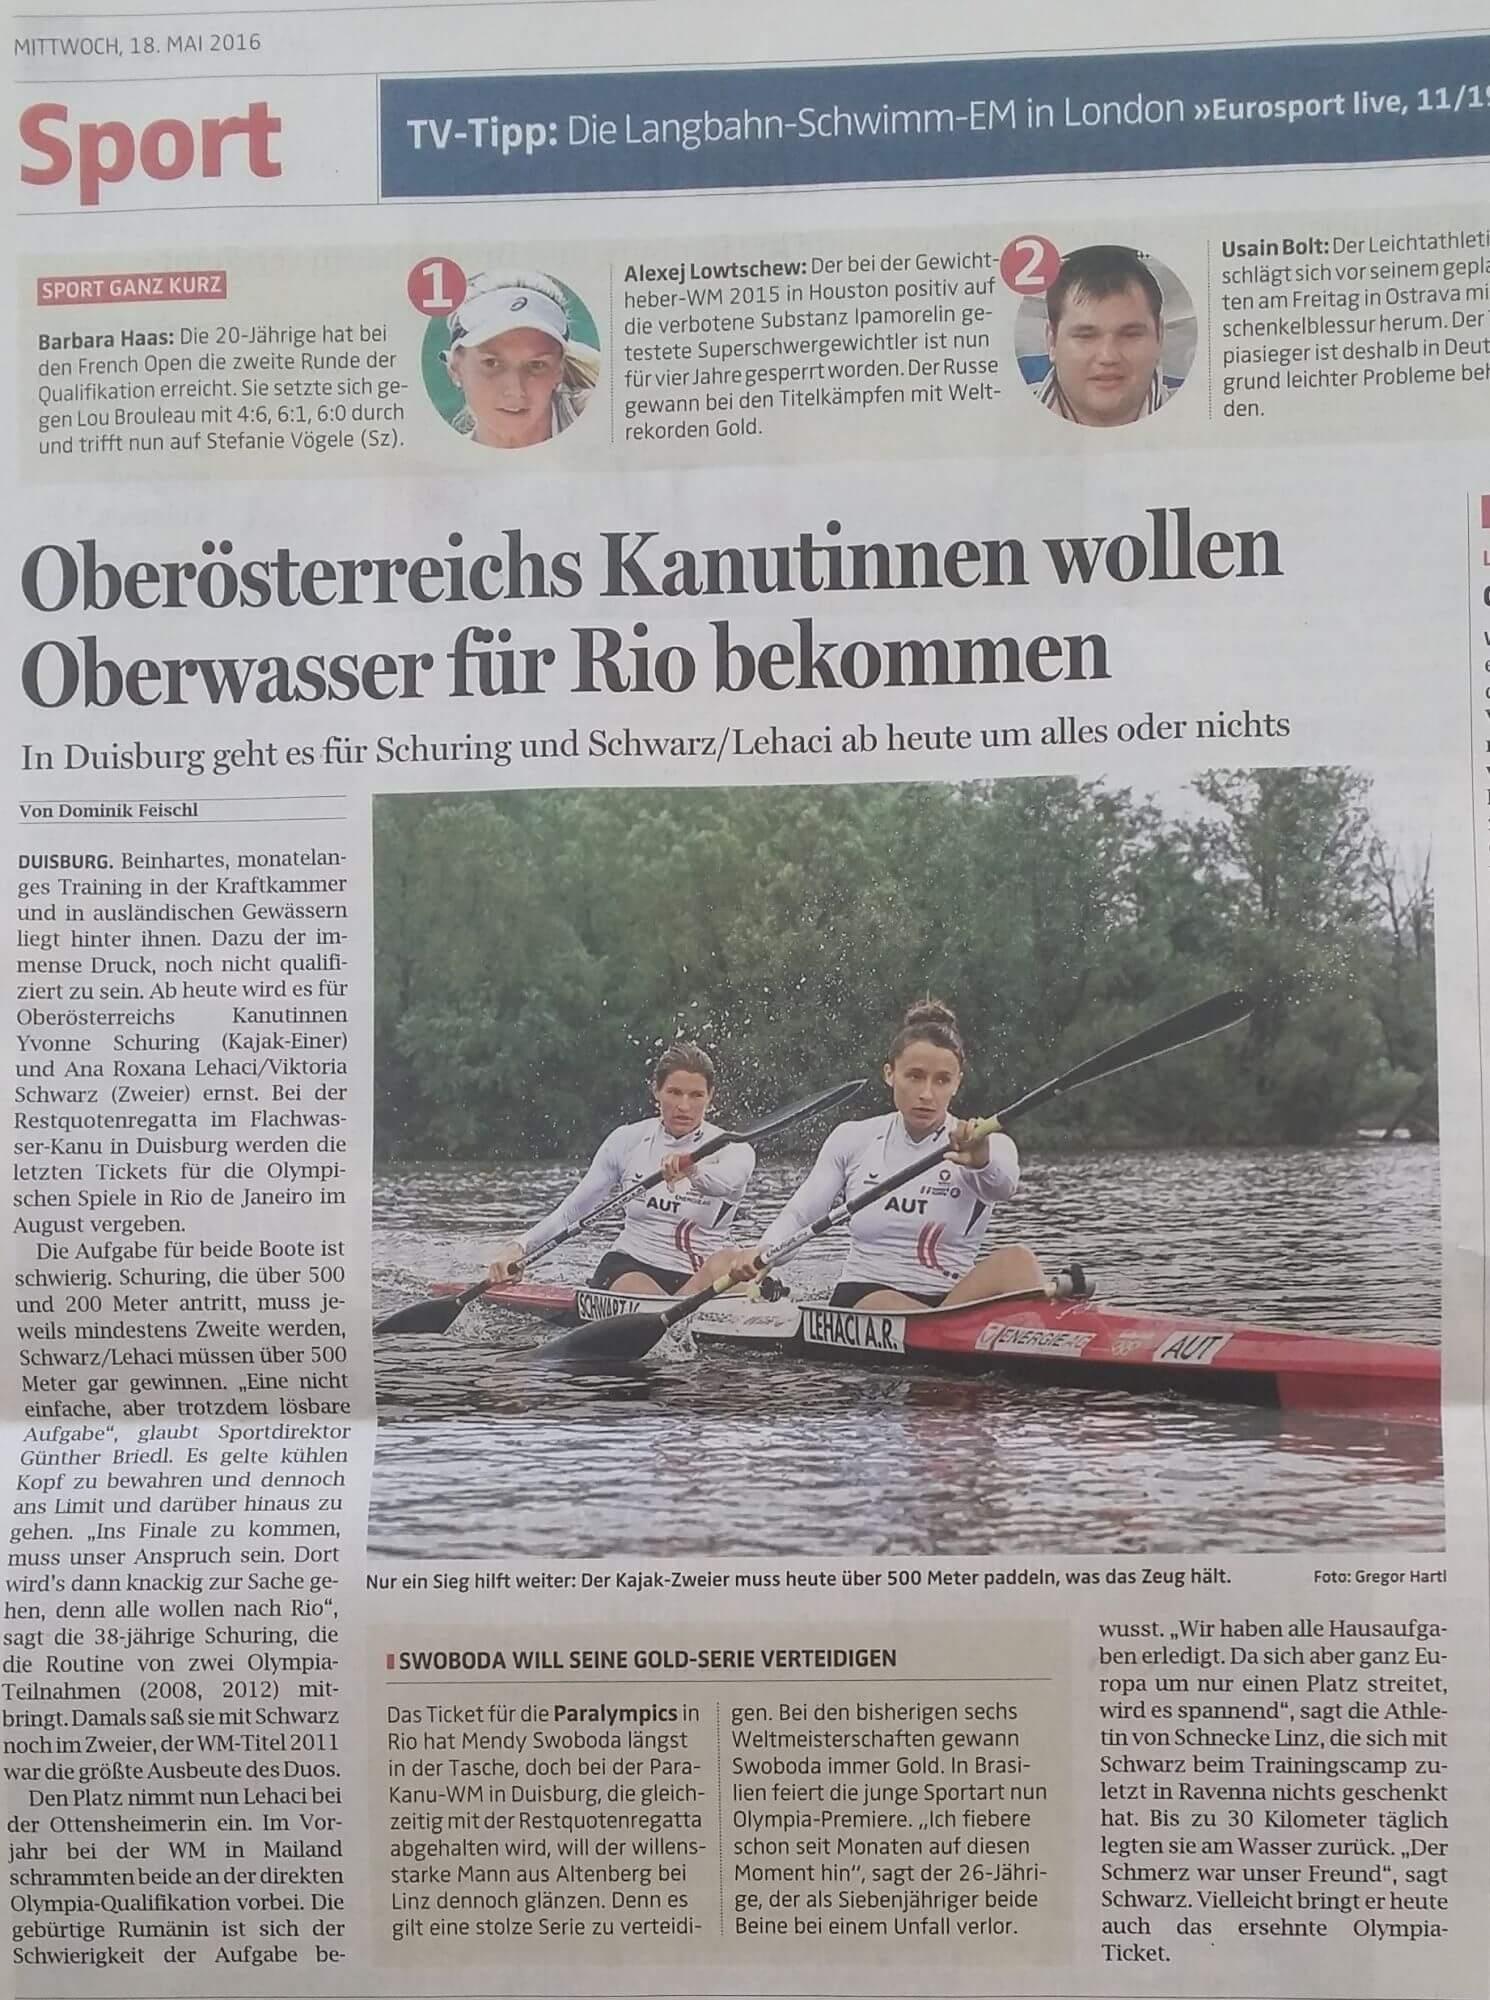 Oberösterreichs Kanutinnen wollen Oberwasser für Rio bekommen